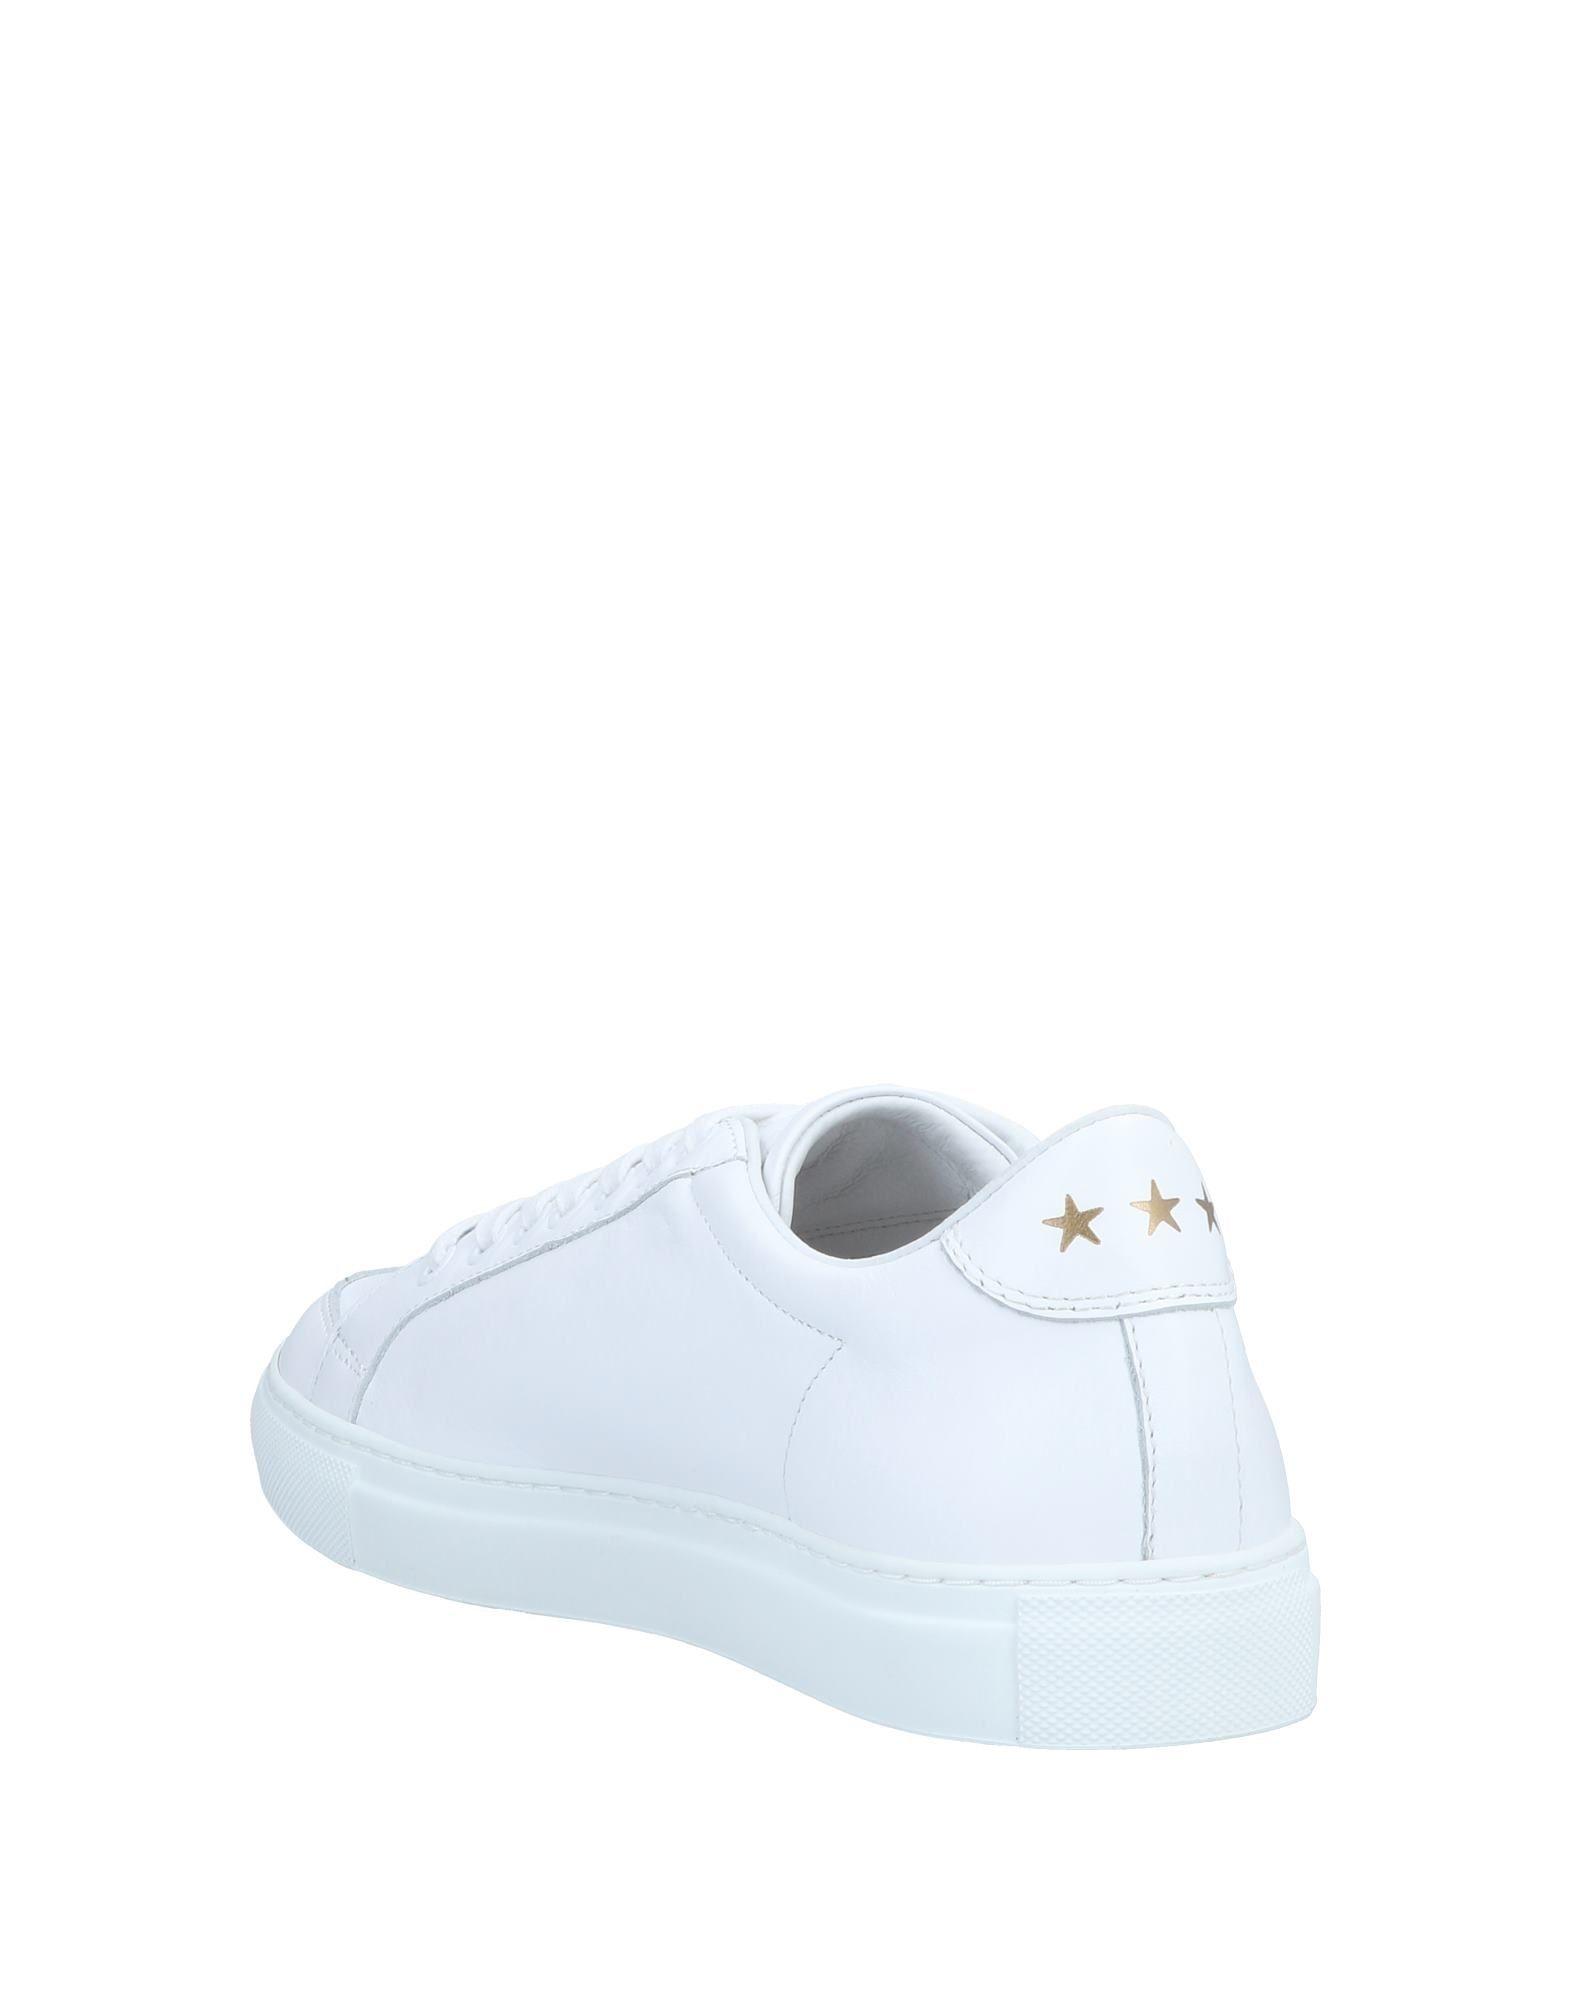 Pantofola D'oro Sneakers Sneakers D'oro Herren Gutes Preis-Leistungs-Verhältnis, es lohnt sich f31a4b